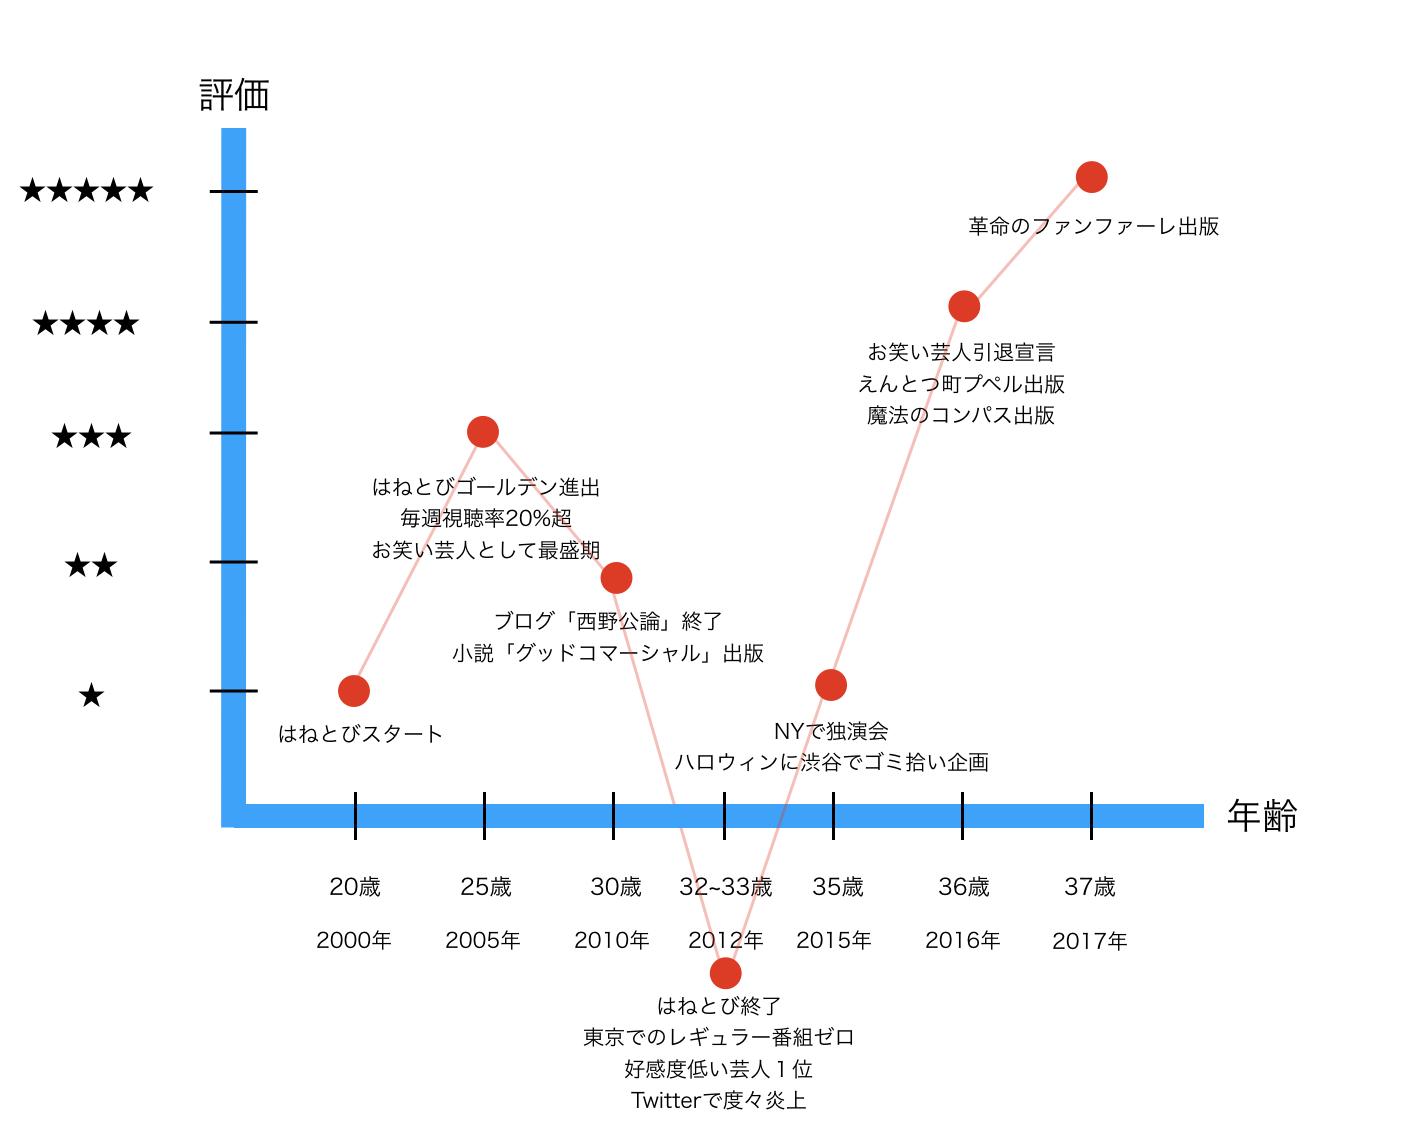 キンコン西野氏の歴史